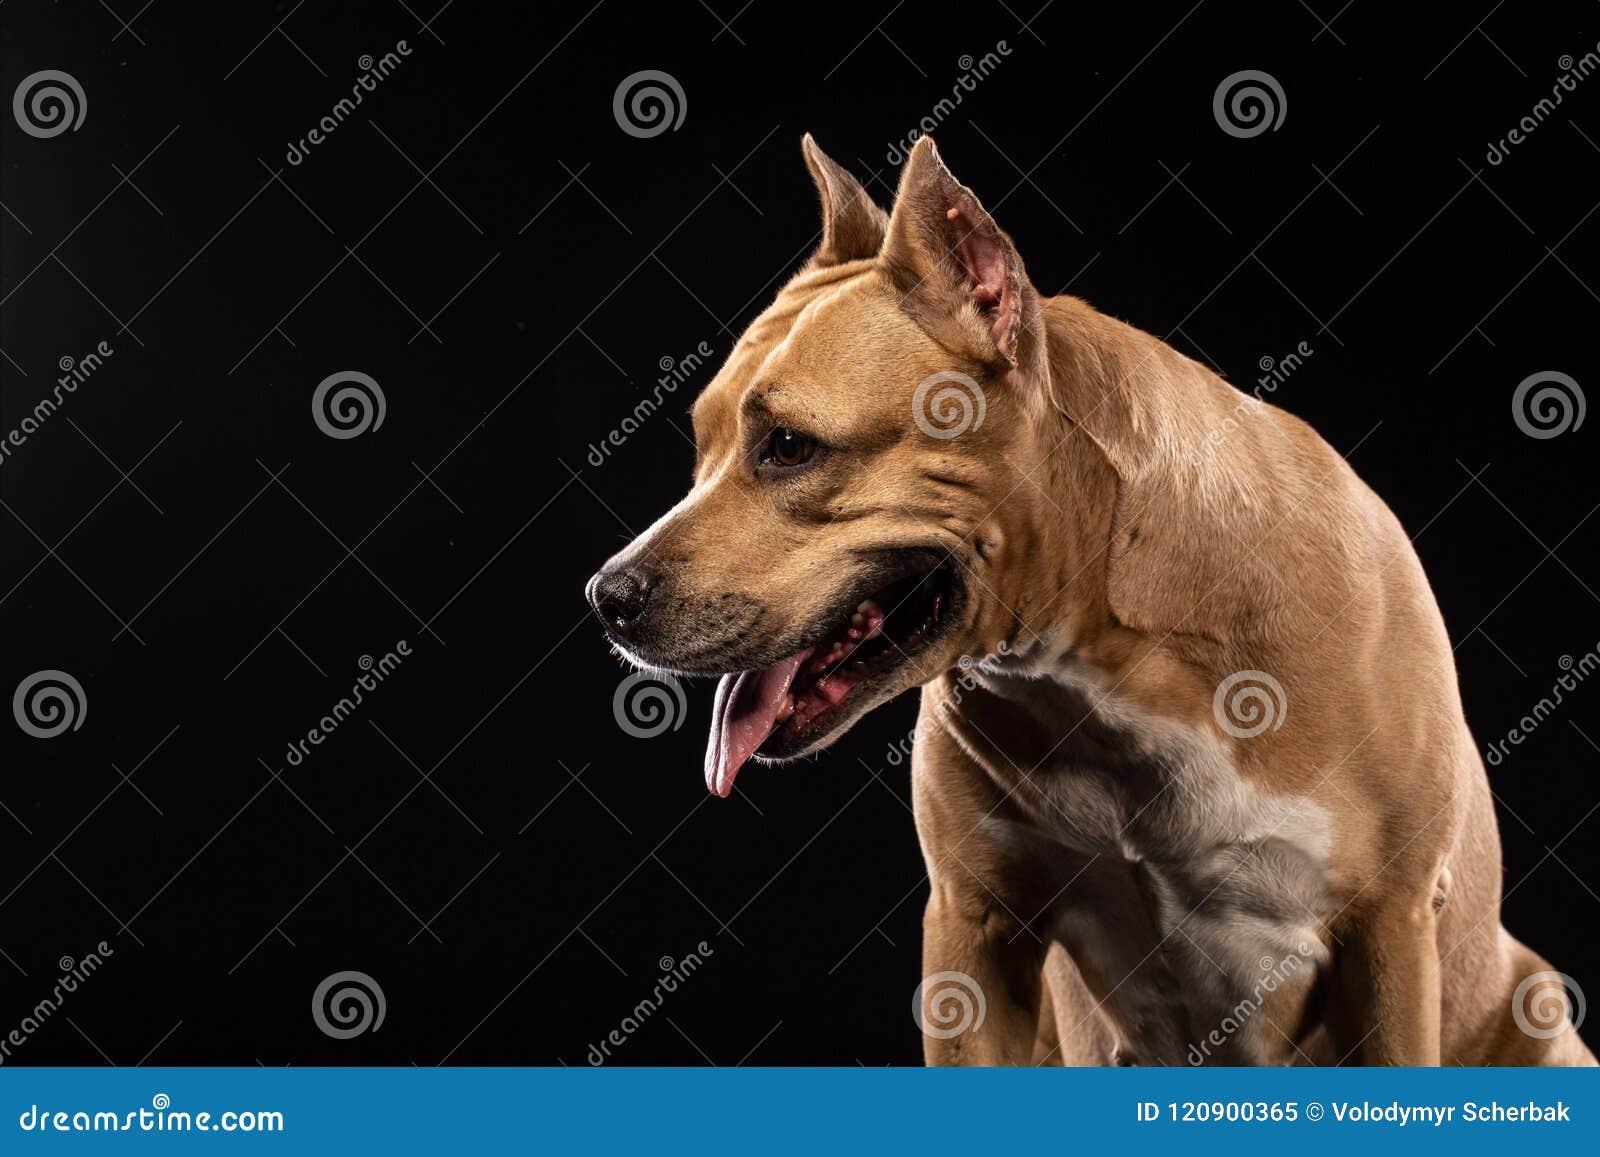 小色狗和猫交配_browne, 妖, 似犬, 猫, 椅子, 五颜六色, 逗人喜爱, 危险, 狗, 国内